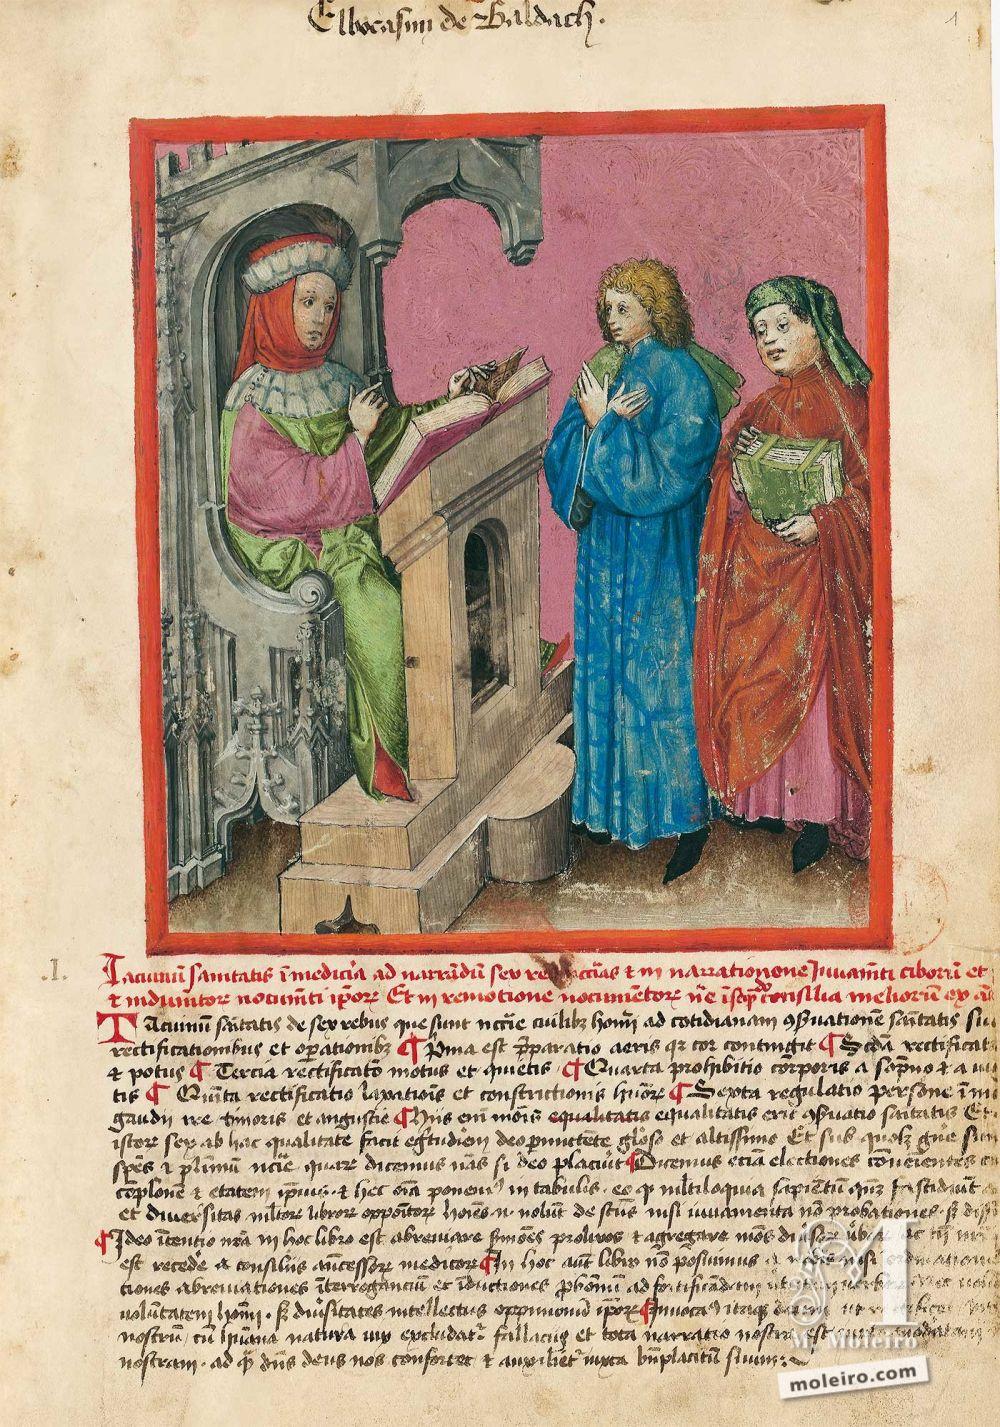 Tacuinum Sanitatis f. 1r, Elbocasim of Baldach